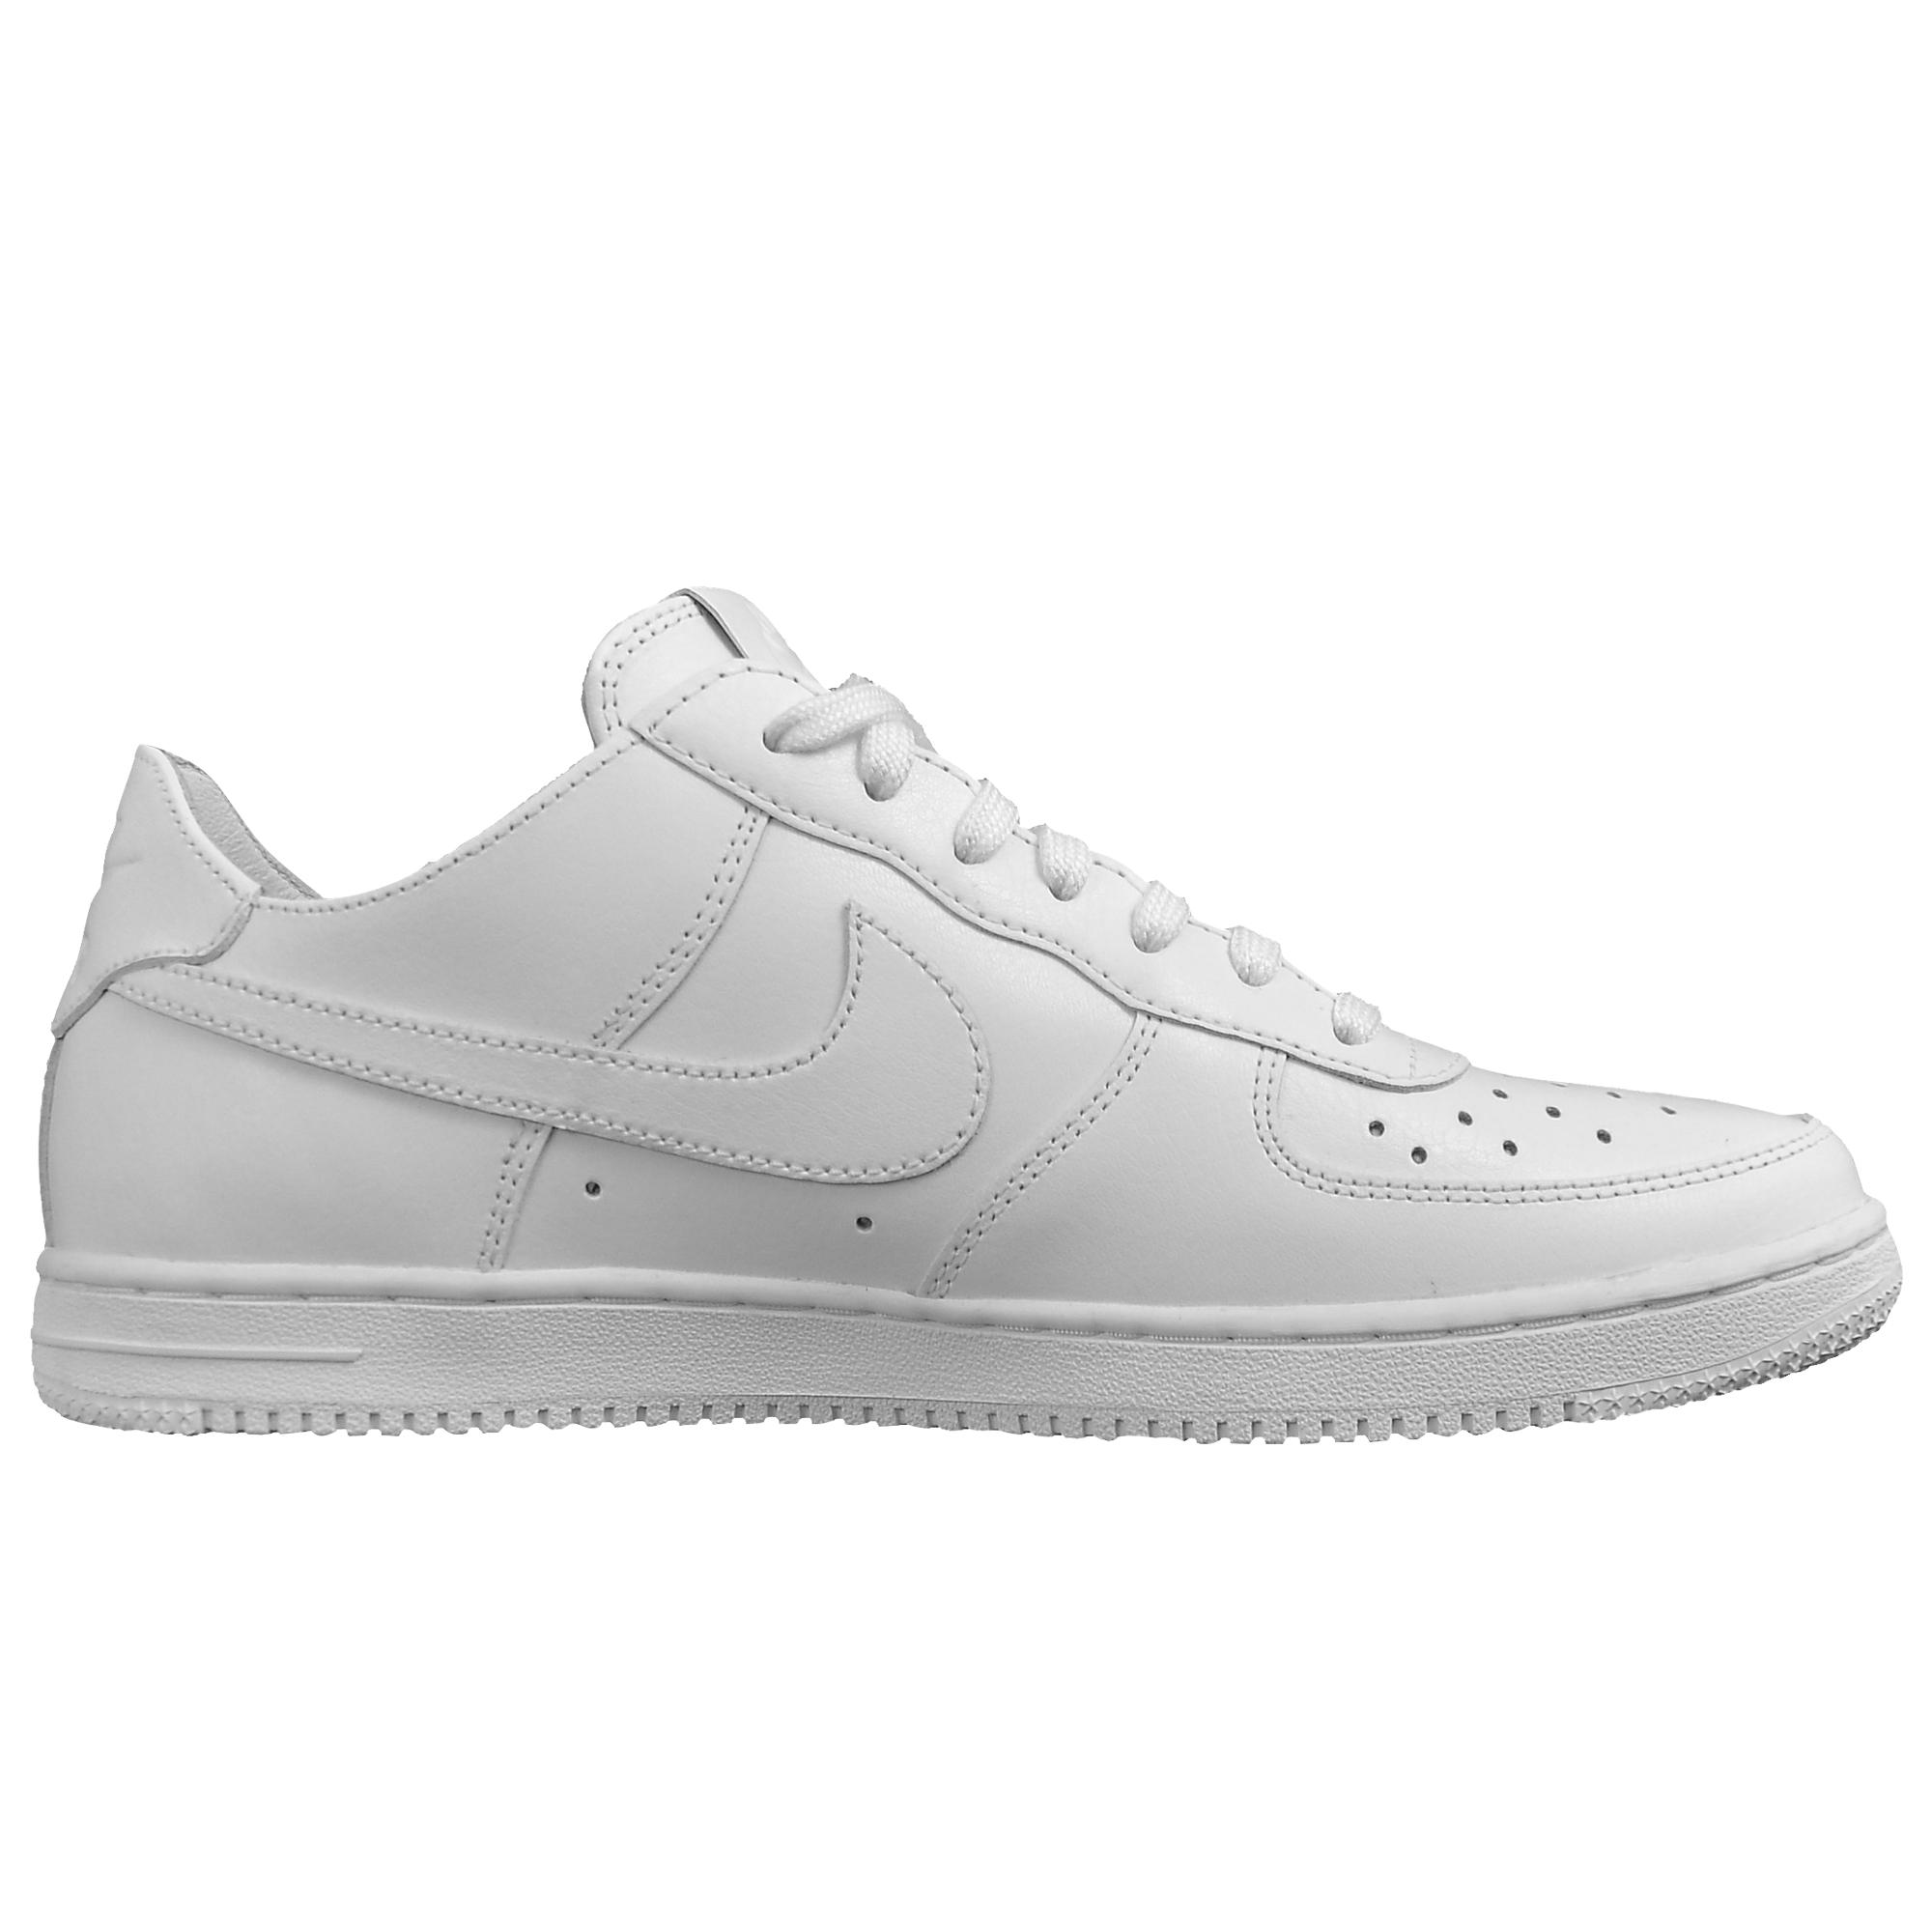 quality design 67a1a 2ffa7 Nike Air Force 1 Low Light Bayan Spor Ayakkabı